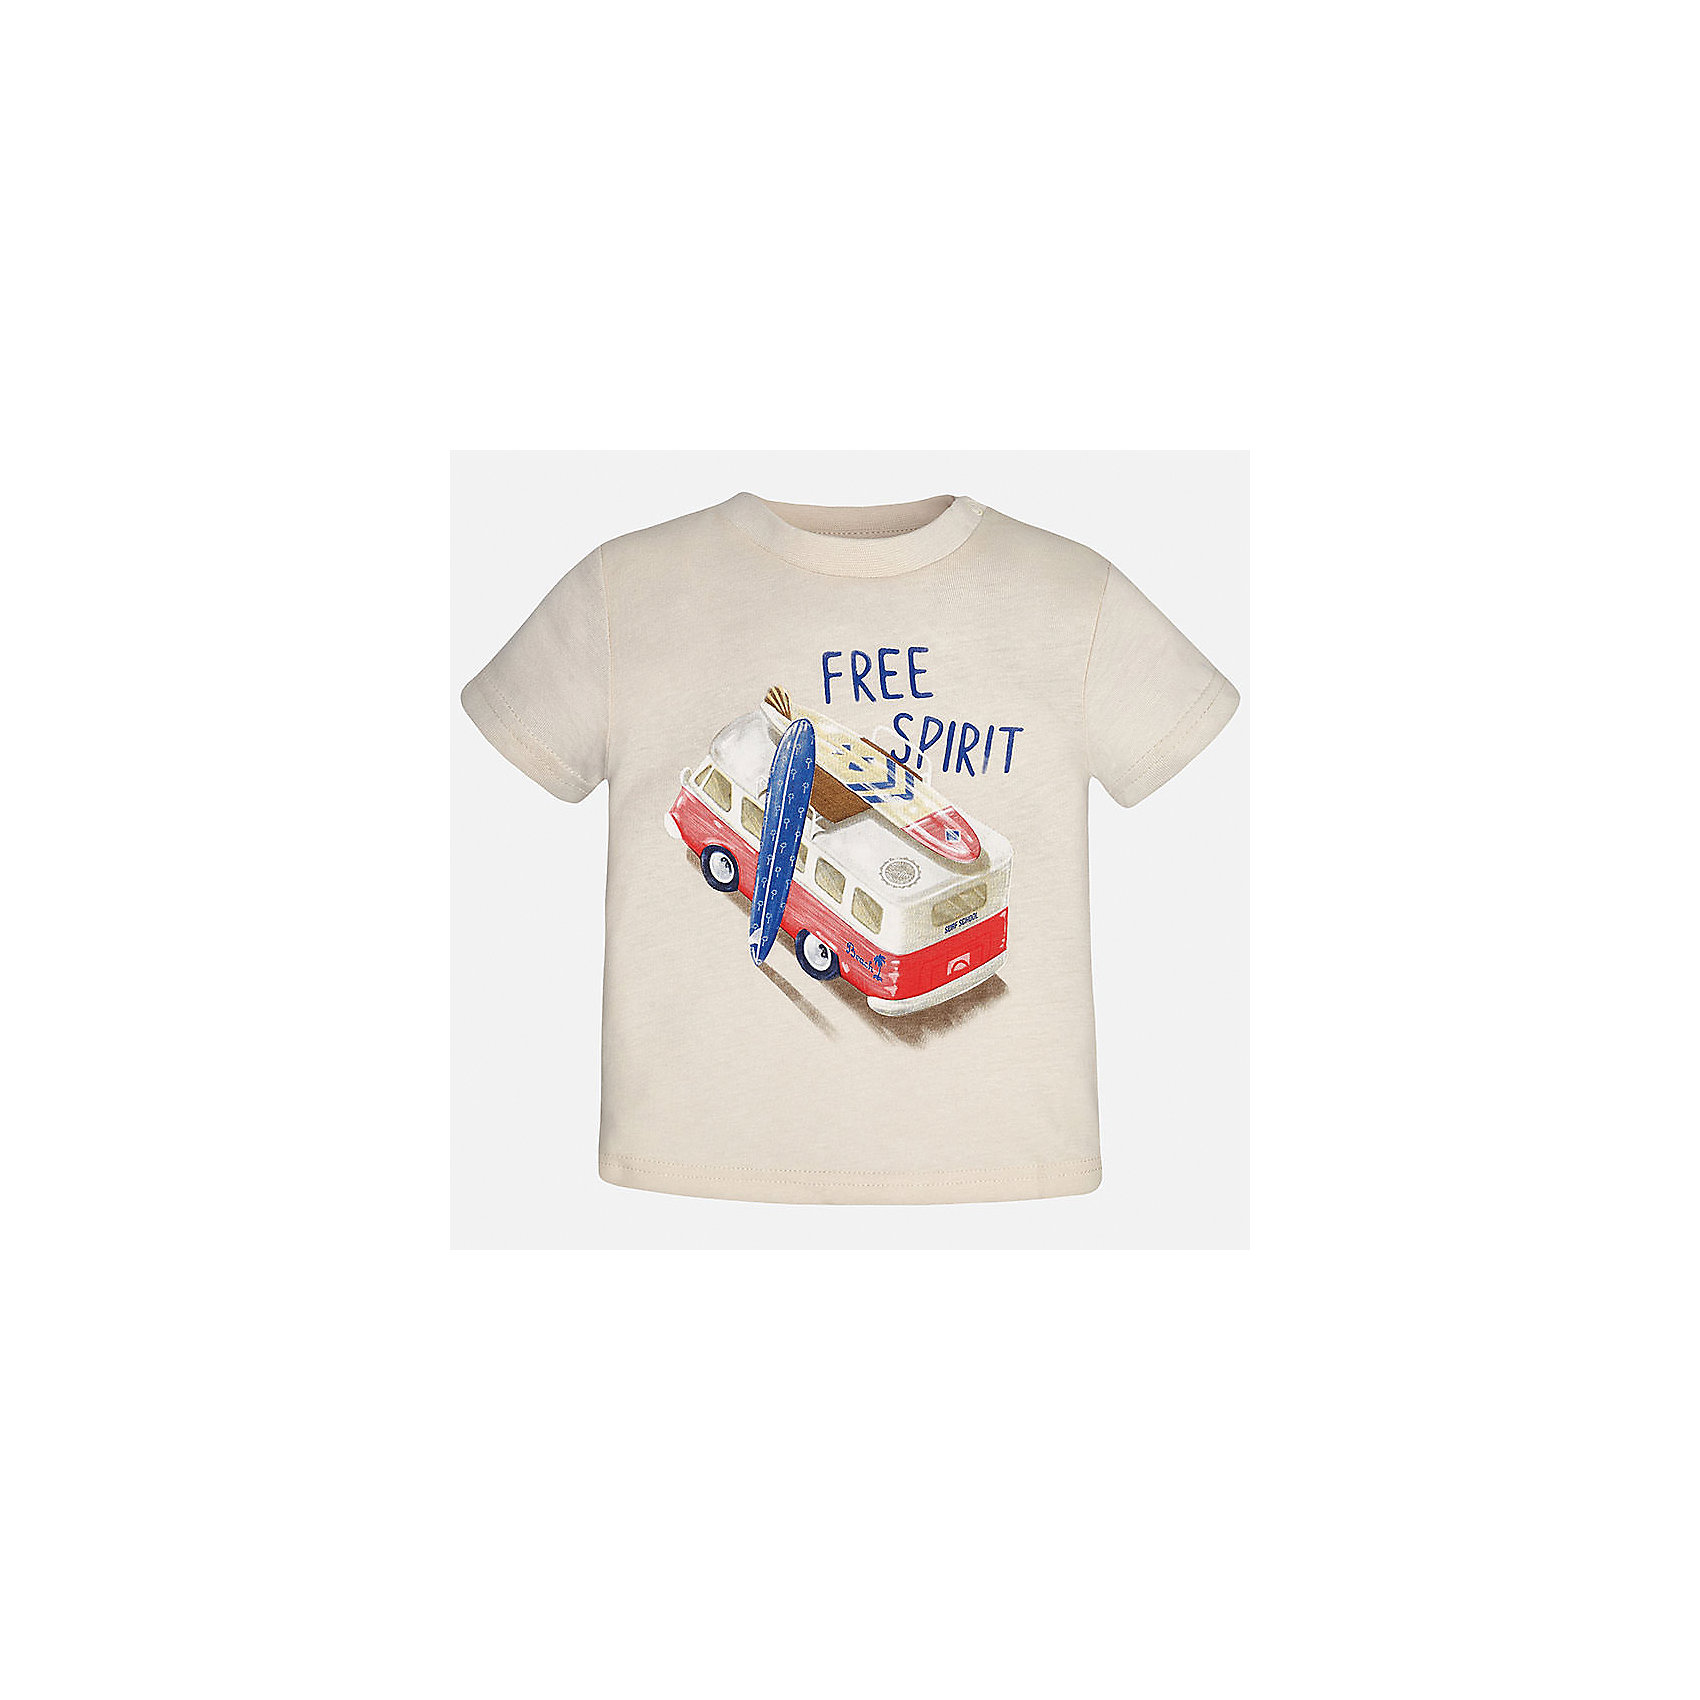 Футболка для мальчика MayoralФутболки, топы<br>Характеристики товара:<br><br>• цвет: бежевый<br>• состав: 100% хлопок<br>• круглый горловой вырез<br>• декорирована принтом<br>• короткие рукава<br>• мягкая отделка горловины<br>• страна бренда: Испания<br><br>Стильная удобная футболка с принтом поможет разнообразить гардероб мальчика. Она отлично сочетается с брюками, шортами, джинсами. Универсальный крой и цвет позволяет подобрать к вещи низ разных расцветок. Практичное и стильное изделие! Хорошо смотрится и комфортно сидит на детях. В составе материала - натуральный хлопок, гипоаллергенный, приятный на ощупь, дышащий. <br><br>Одежда, обувь и аксессуары от испанского бренда Mayoral полюбились детям и взрослым по всему миру. Модели этой марки - стильные и удобные. Для их производства используются только безопасные, качественные материалы и фурнитура. Порадуйте ребенка модными и красивыми вещами от Mayoral! <br><br>Футболку для мальчика от испанского бренда Mayoral (Майорал) можно купить в нашем интернет-магазине.<br><br>Ширина мм: 199<br>Глубина мм: 10<br>Высота мм: 161<br>Вес г: 151<br>Цвет: бежевый<br>Возраст от месяцев: 12<br>Возраст до месяцев: 15<br>Пол: Мужской<br>Возраст: Детский<br>Размер: 80,92,86<br>SKU: 5278449